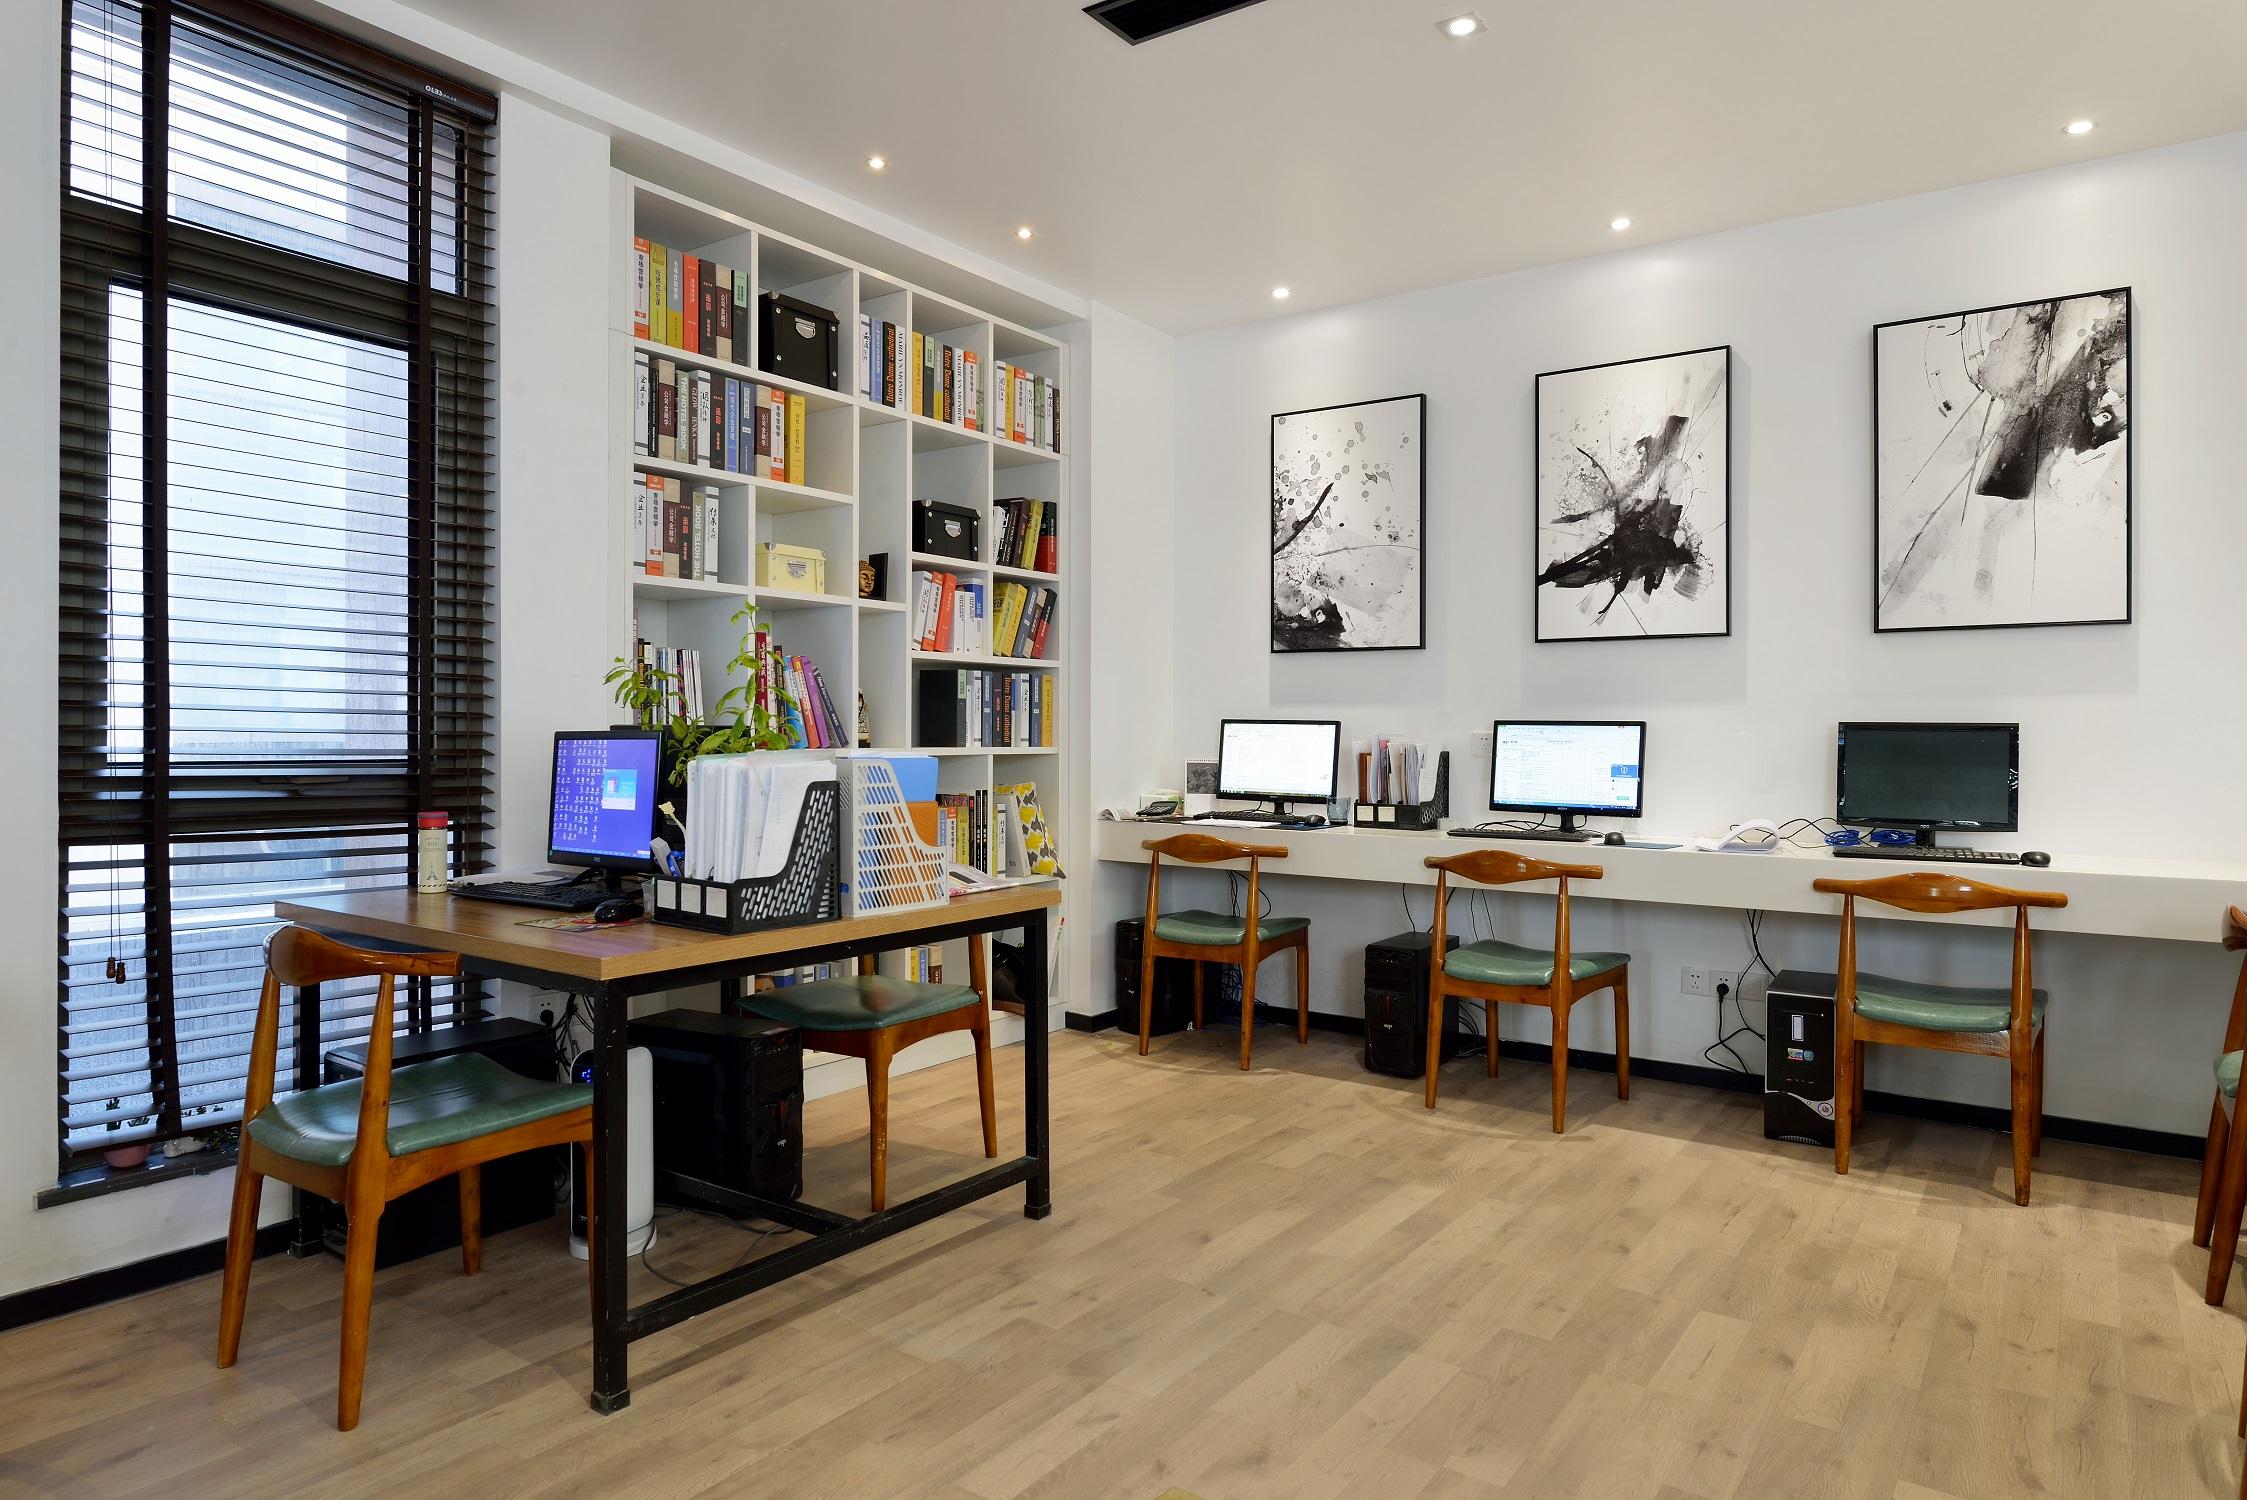 现代简约办公室装修办公区局部图片